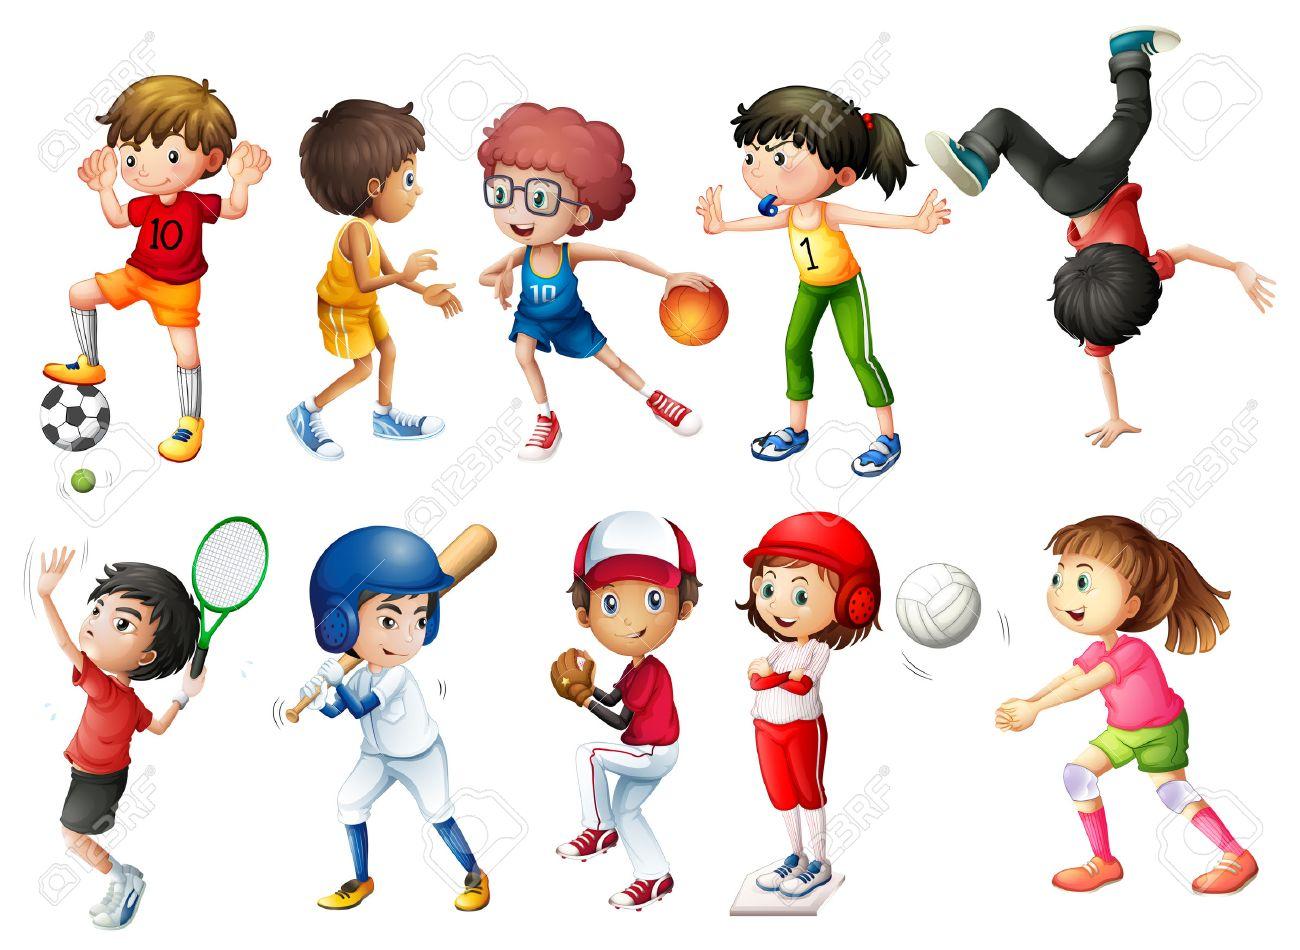 子供スポーツのイラスト ロイヤリティフリークリップアート、ベクター